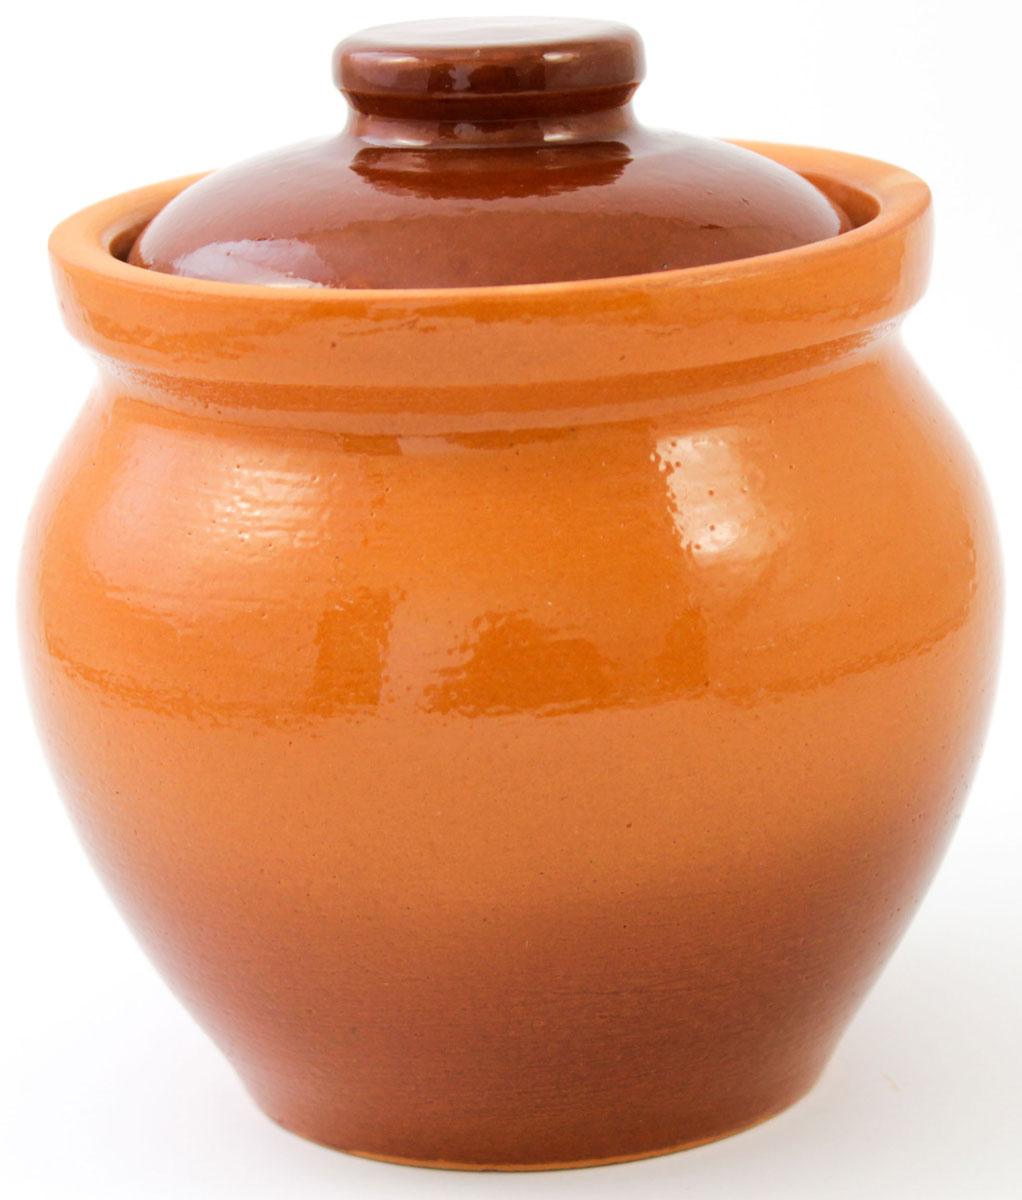 Горшок для запекания Ломоносовская керамика, с крышкой, 400 мл1Г3-10Горшок для запекания Ломоносовская керамика с крышкой выполнен из высококачественной глины. Уникальные свойства глины и толстые стенки изделия обеспечивают эффект русской печи при приготовлении блюд. Блюда, приготовленные в керамическом горшке, получаются нежными и сочными. Вы сможете приготовить мясо, сделать томленые овощи и все это без капли масла. Это один из самых здоровых способов готовки.